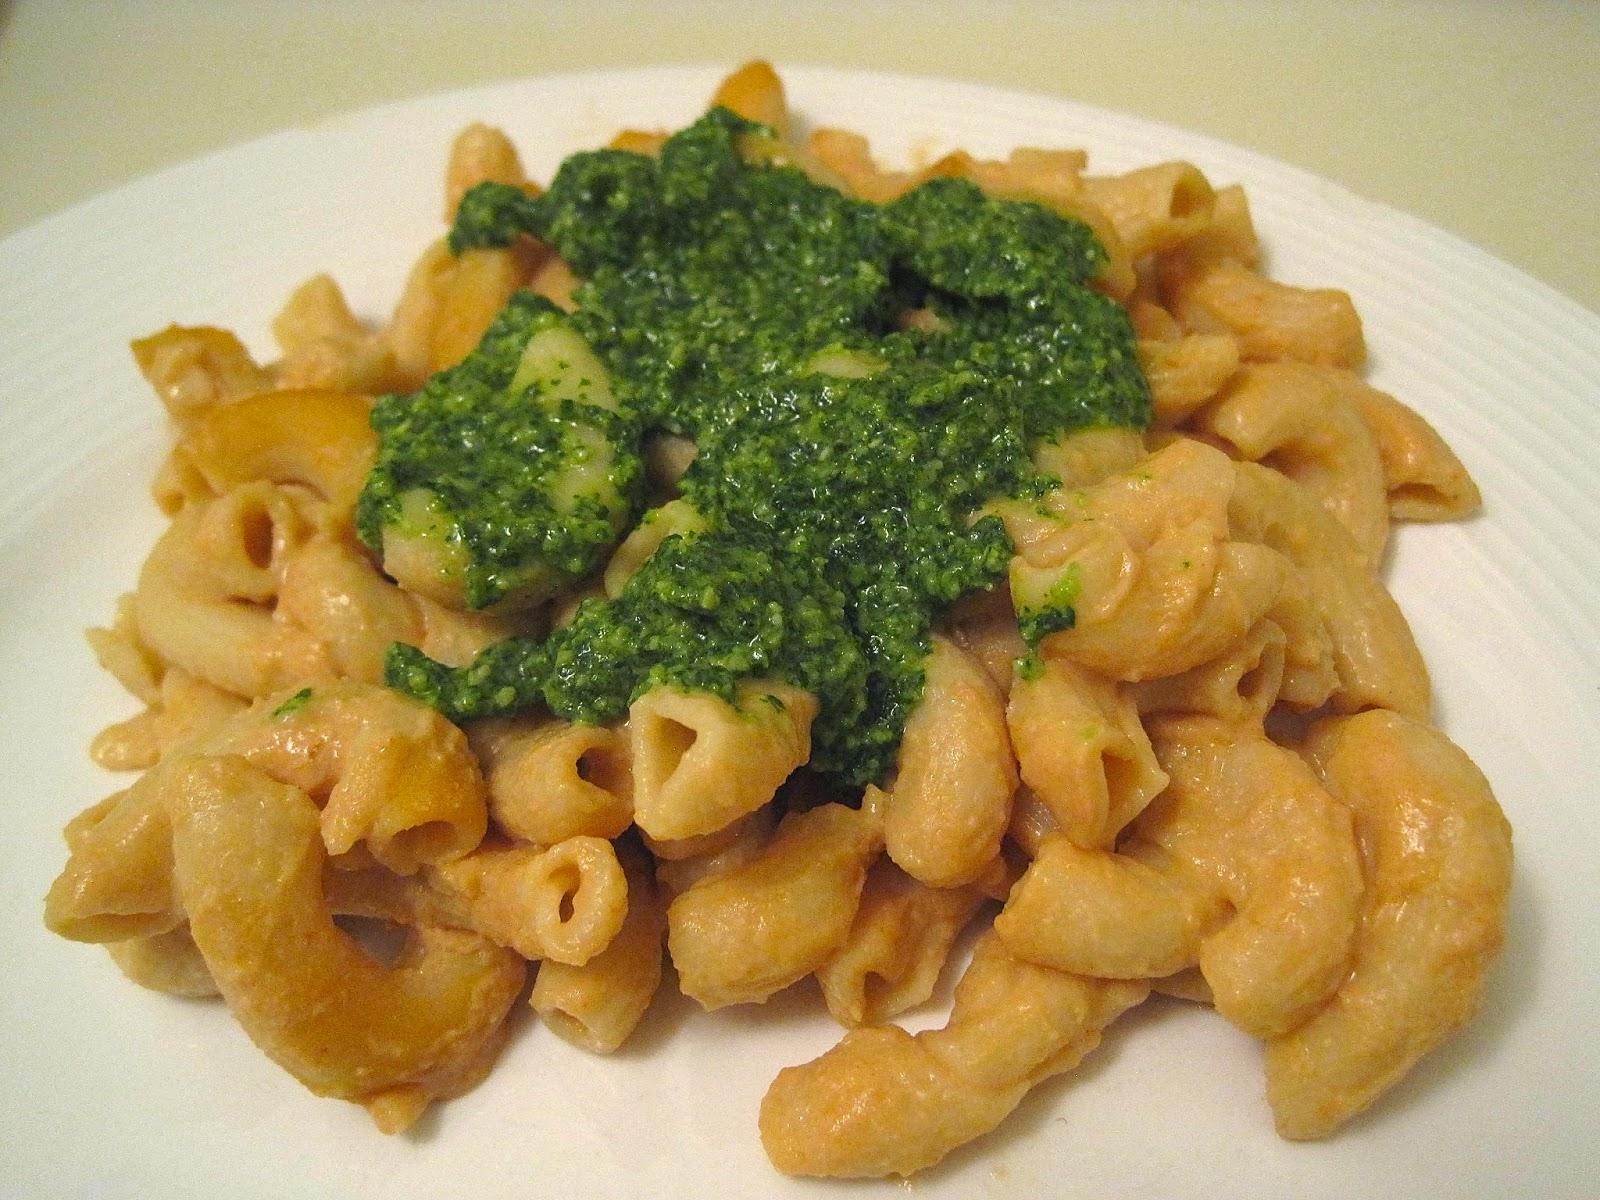 Pesto Mac 'N' Cheese - Chloe's Vegan Italian Kitchen - Veega Blog Vegan